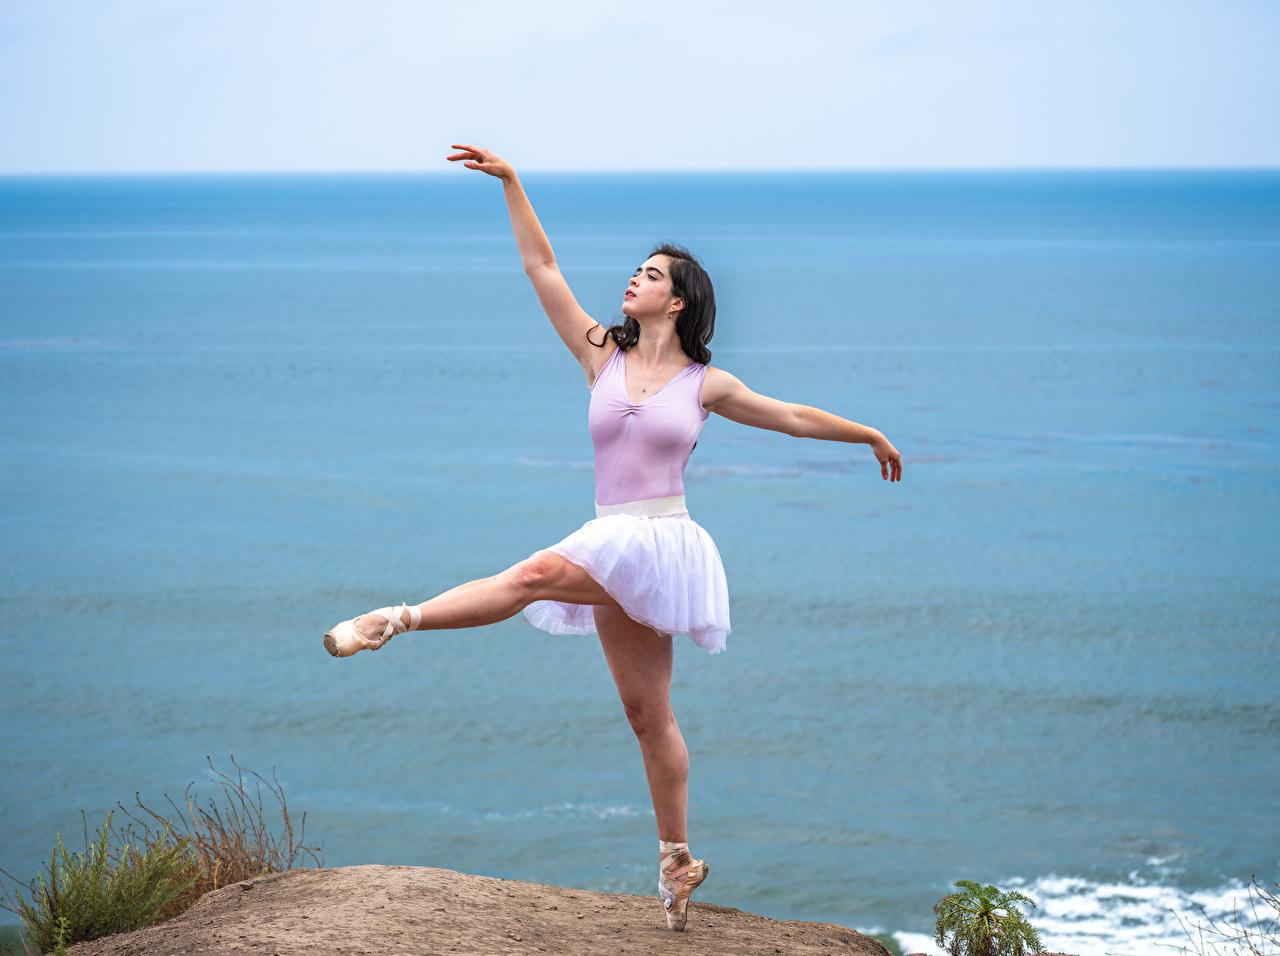 Bilde Ballett danser Posere ung kvinne Ben kystlinje Dans Unge kvinner Kyst